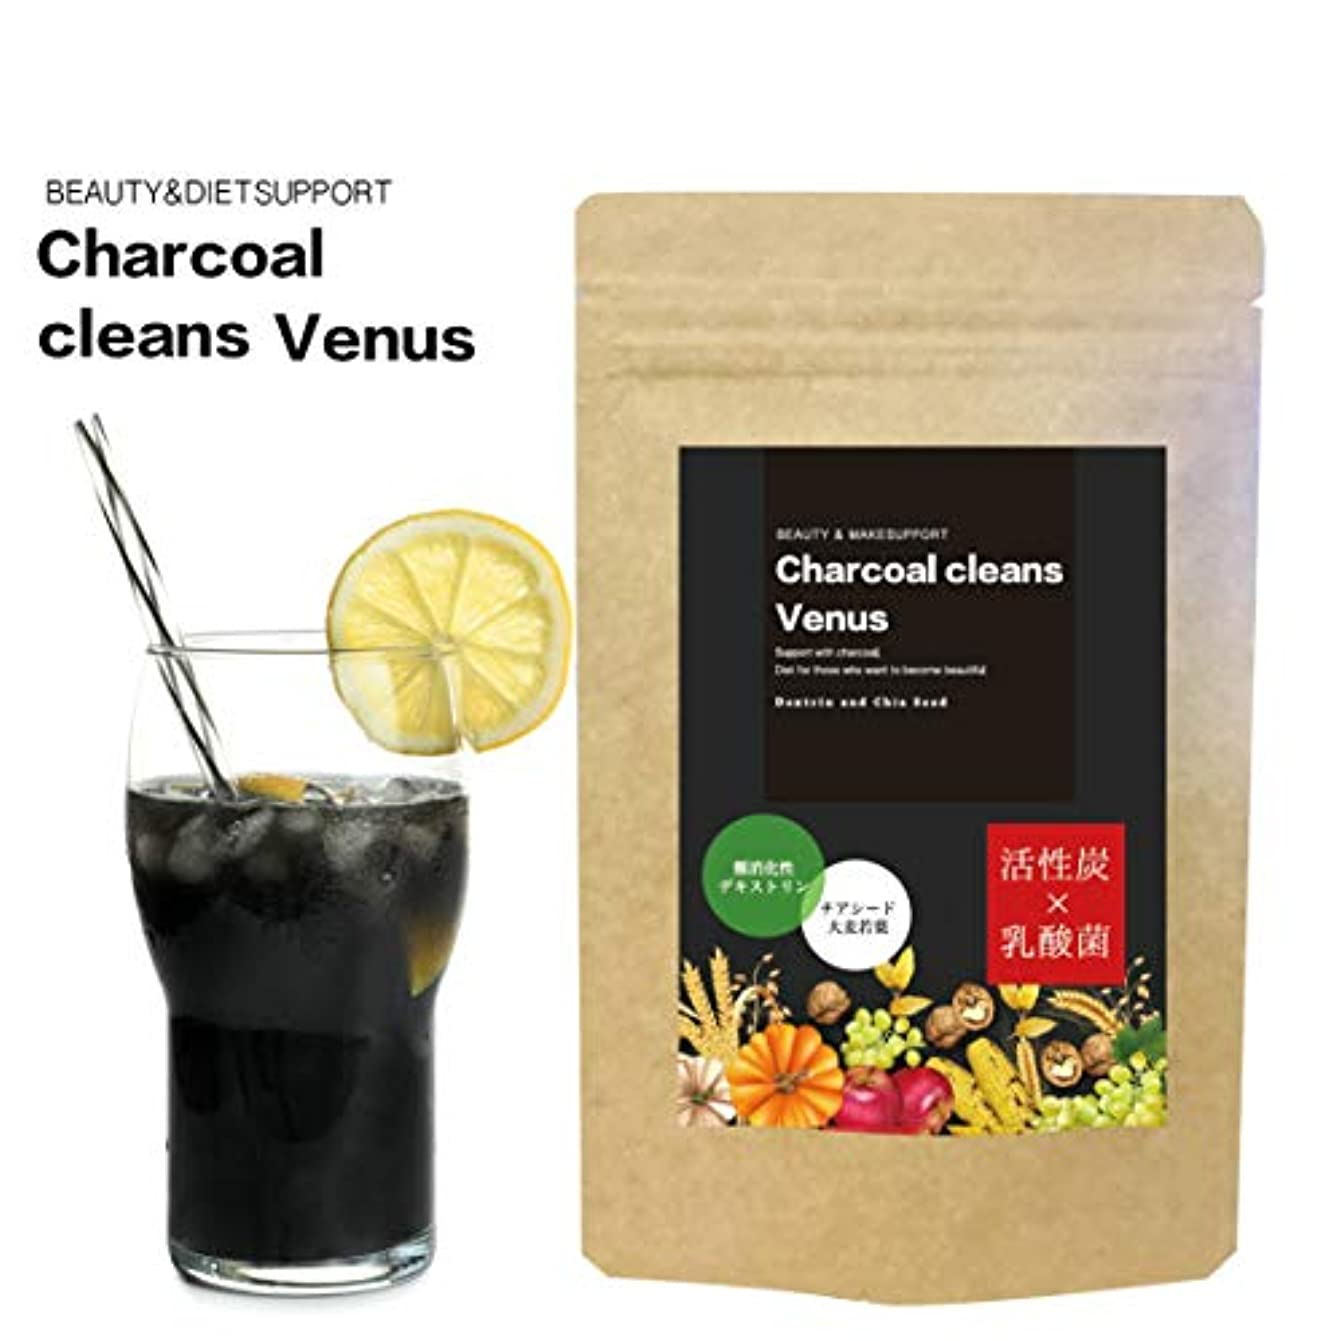 スタック偽物ディスパッチ炭 デトックス & ダイエット 活性炭 + 乳酸菌 チャコールクレンズ ビーナス 約1ヶ月分 150g フルーツMIX味